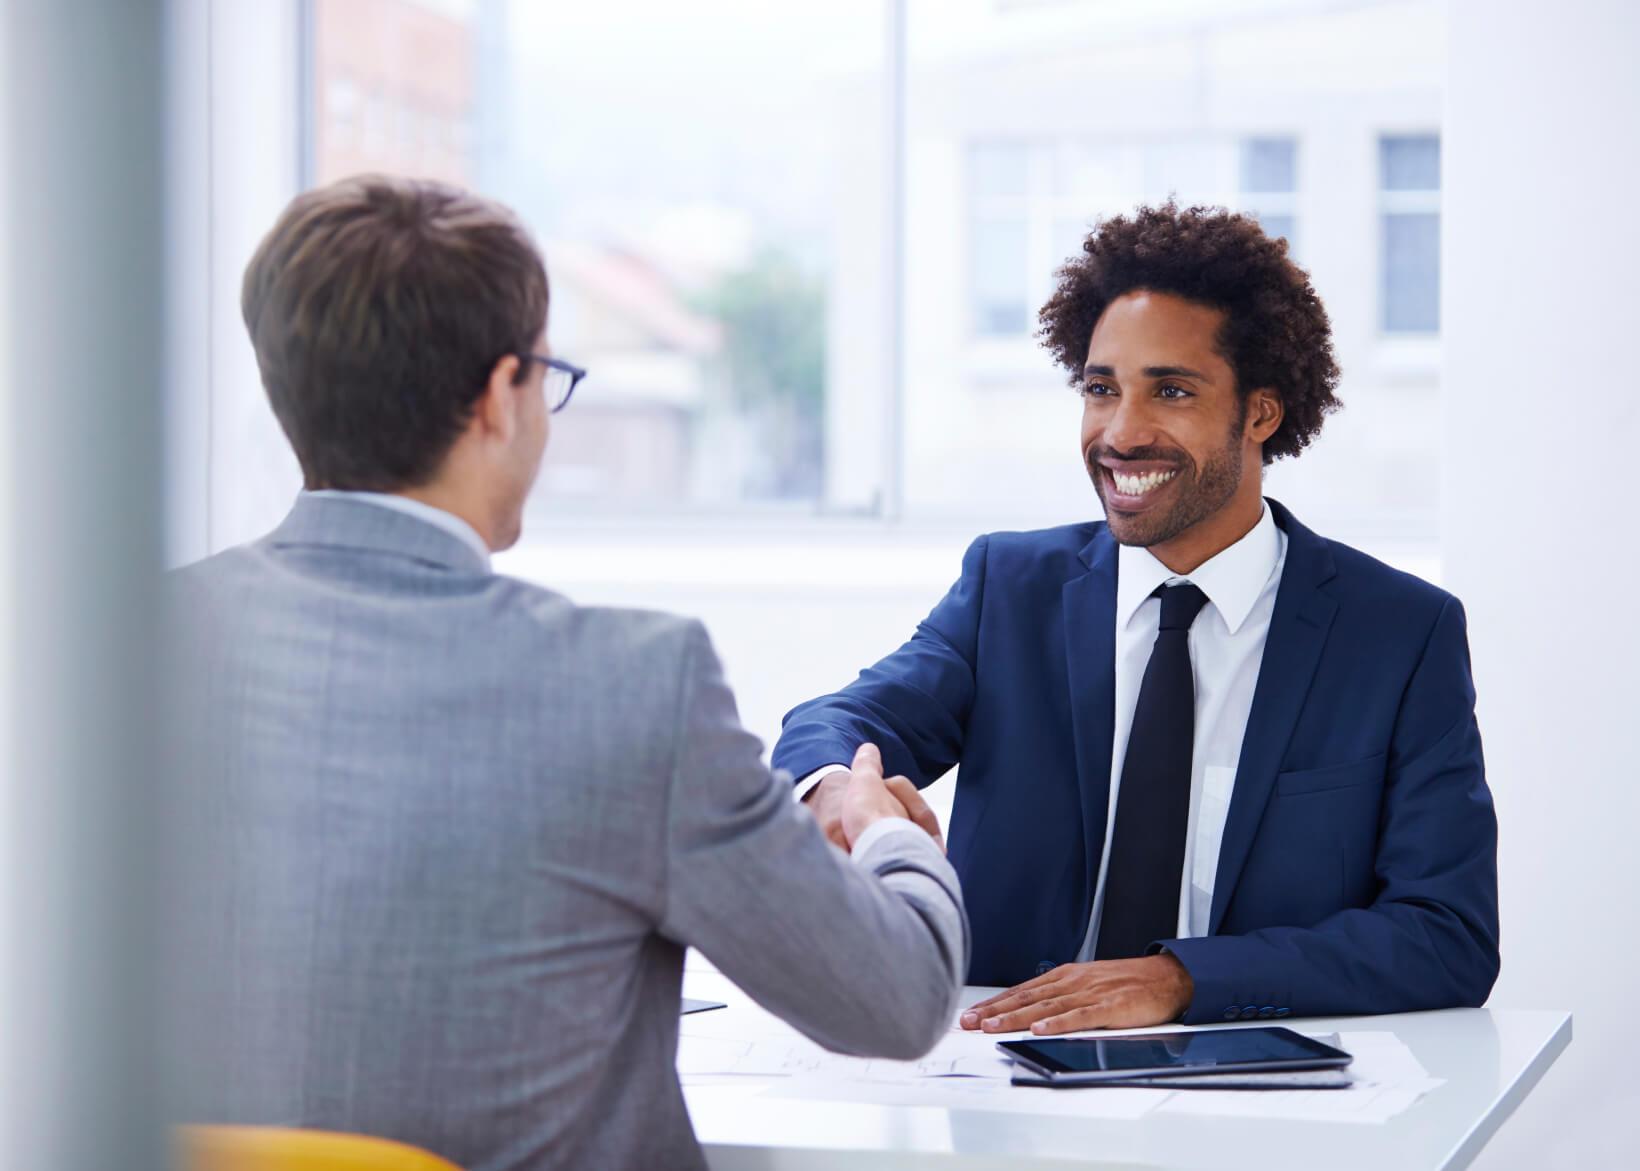 Đi tìm lời giải cho bài toán: làm sao để chọn được nhân viên kinh doanh  giỏi?